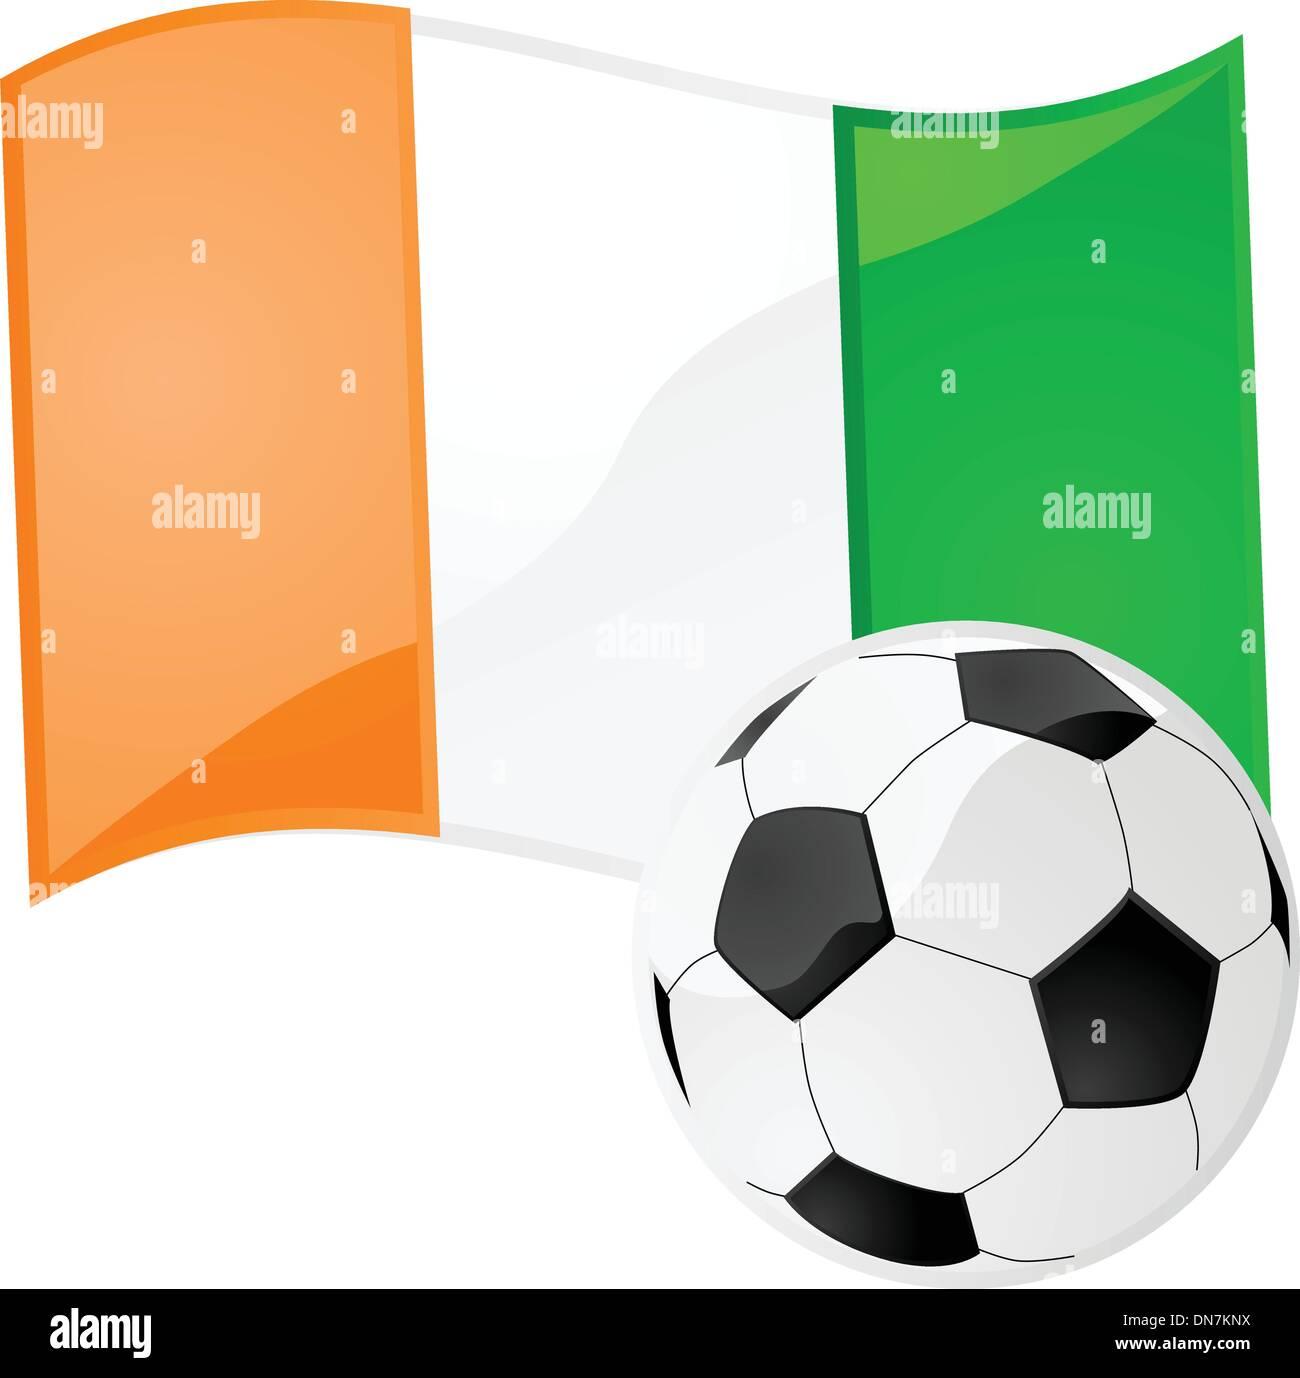 Cote d'Ivoire soccer - Stock Image